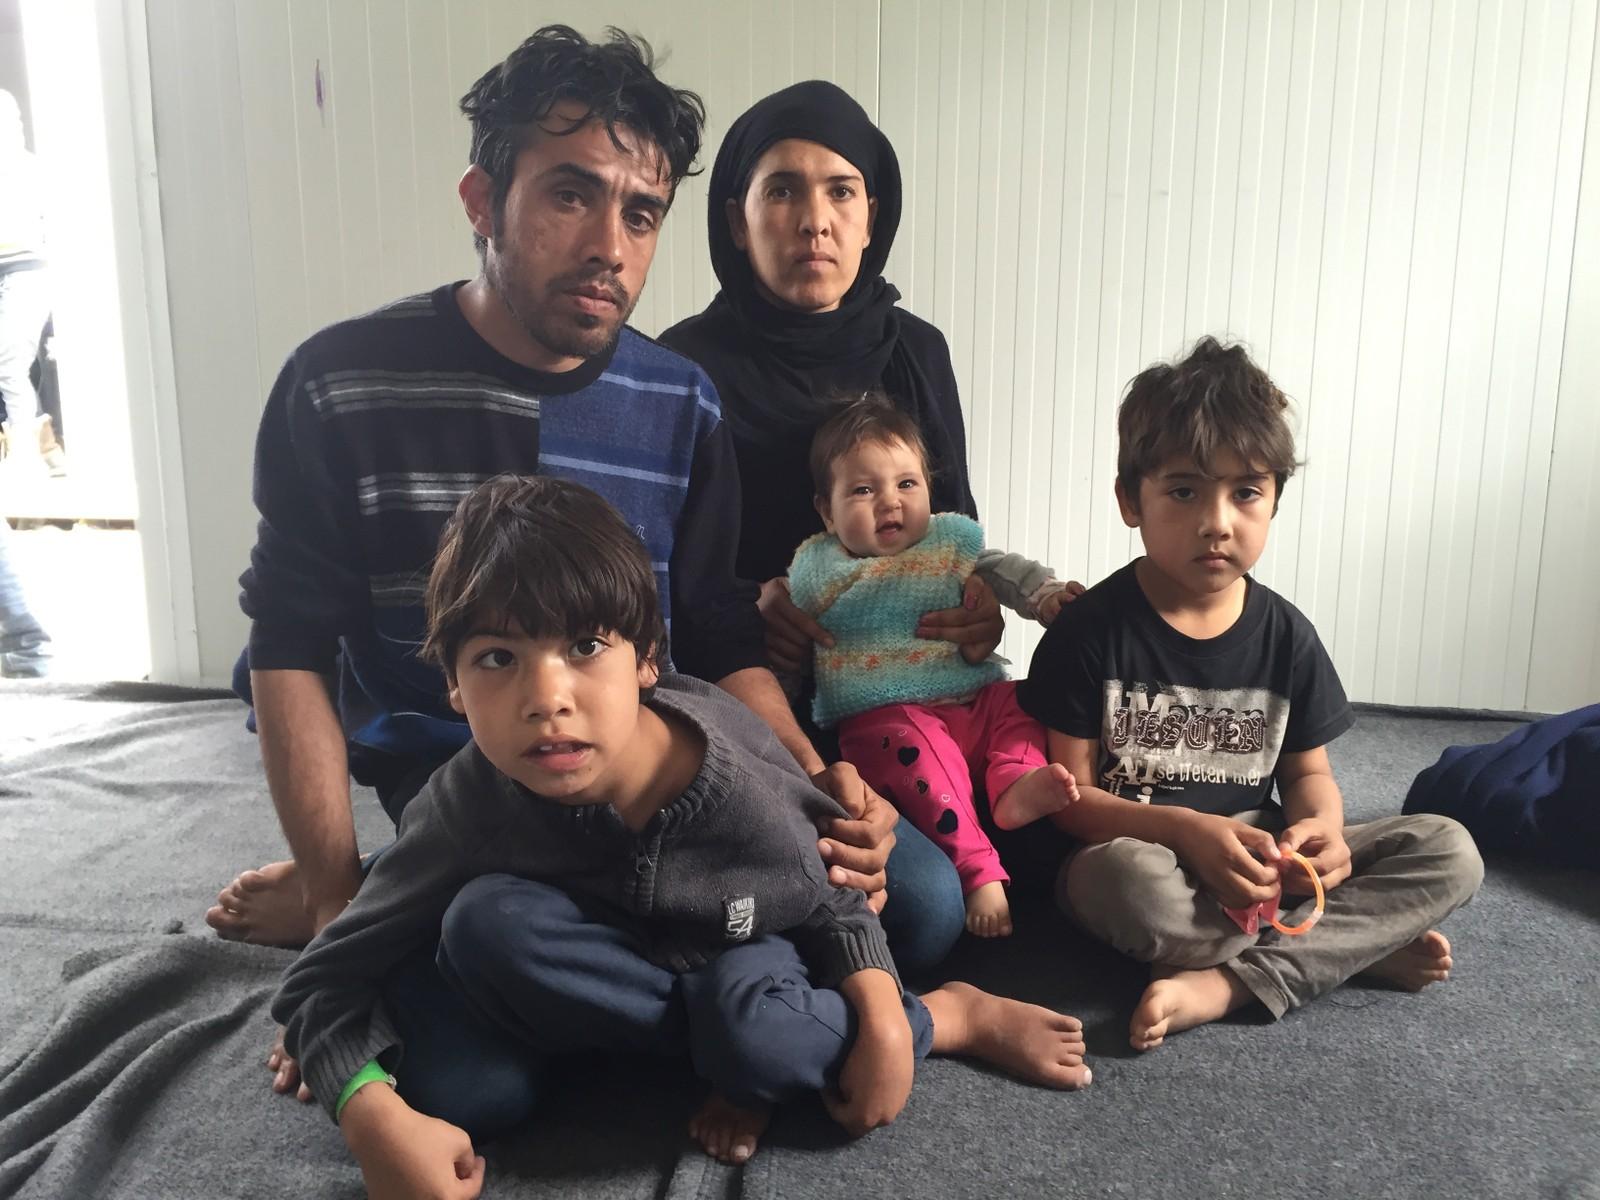 Afghanske Marouf Karibi sammen med sin kone og tre barn på 7 måneder, 5 år og 10 år. Familien ankom Hellas ni dager etter avtalen mellom Tyrkia og EU. De er sjokkerte over at de må være innesperret i Vial-leiren mens myndighetene behandler asylsøknaden deres.